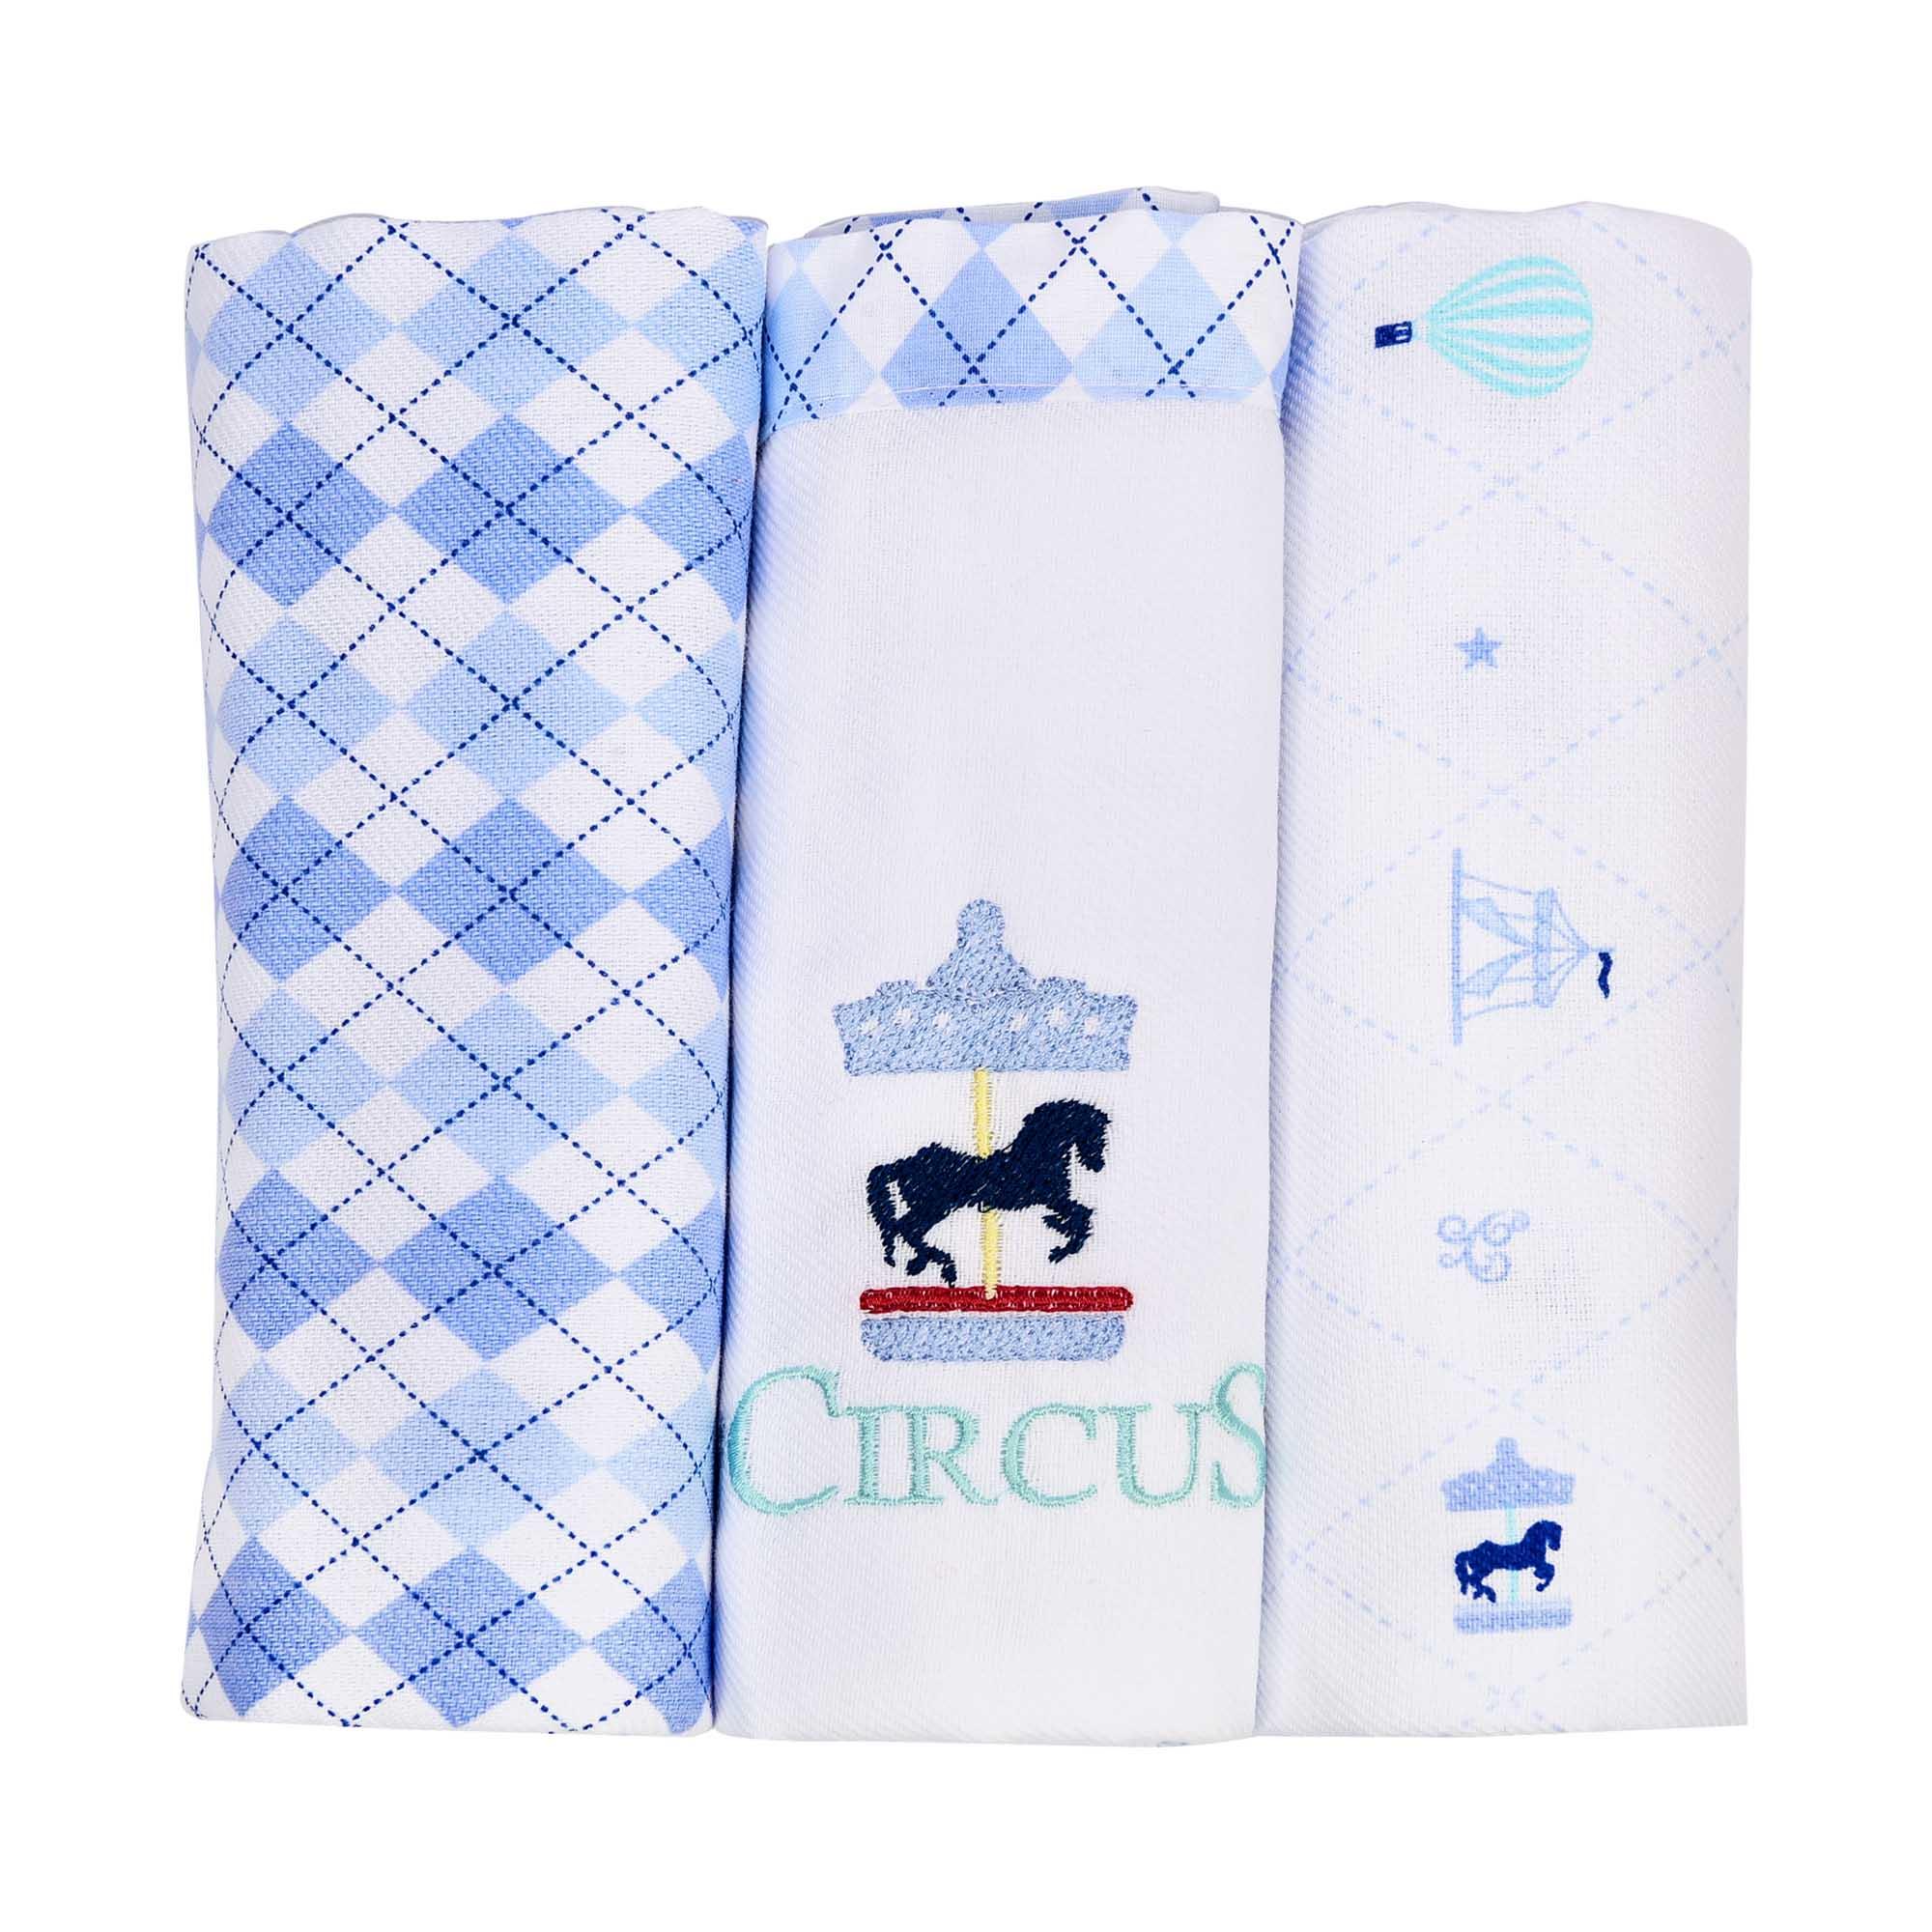 kit Cueiro Bordado  com 3 Rolinhos - Minasrey - Circus Loupiot